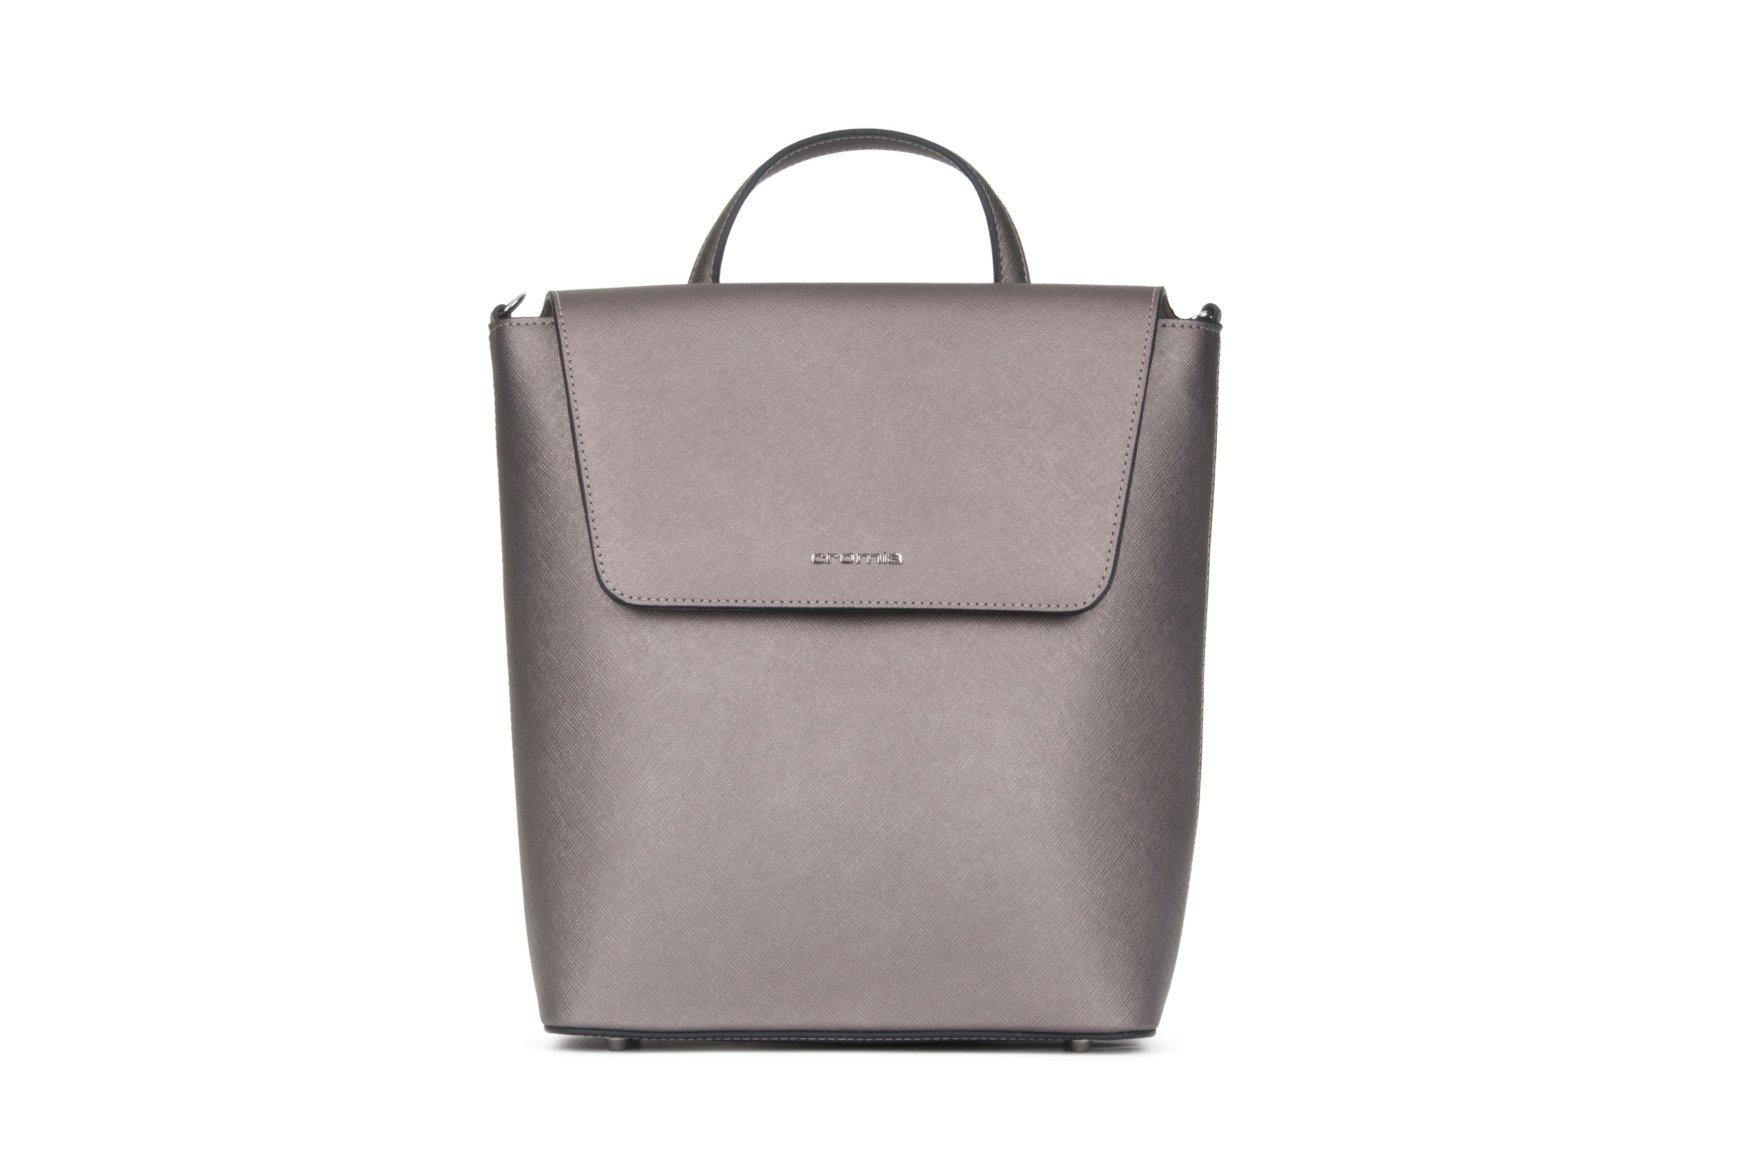 4de30c4eebed Кожаный рюкзак - Estro